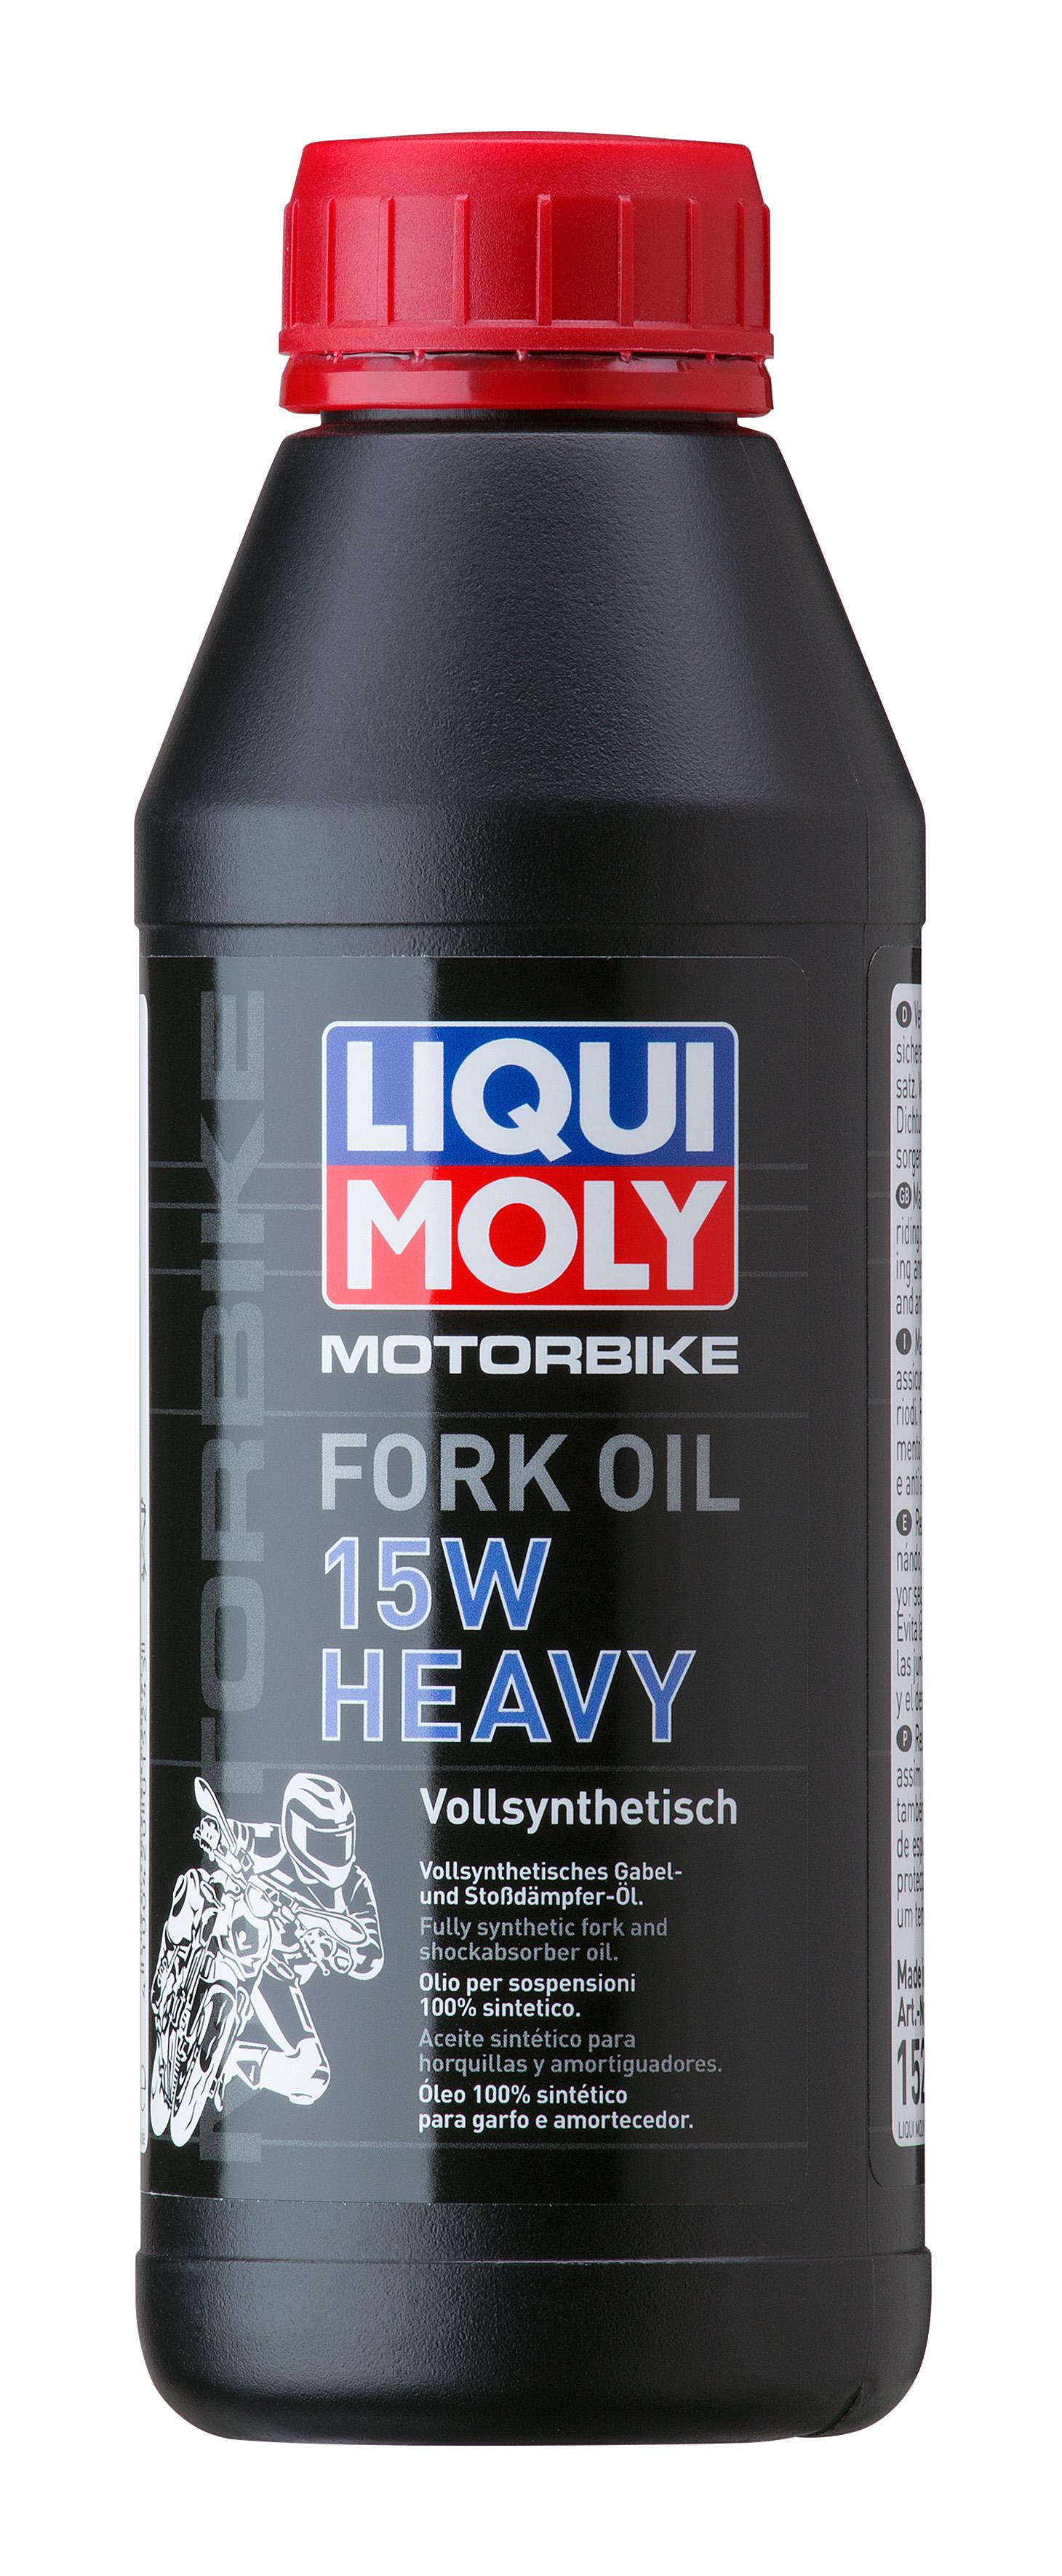 Синтетическое масло для вилок и амортизаторов Motorbike Fork Oil Heavy 15W